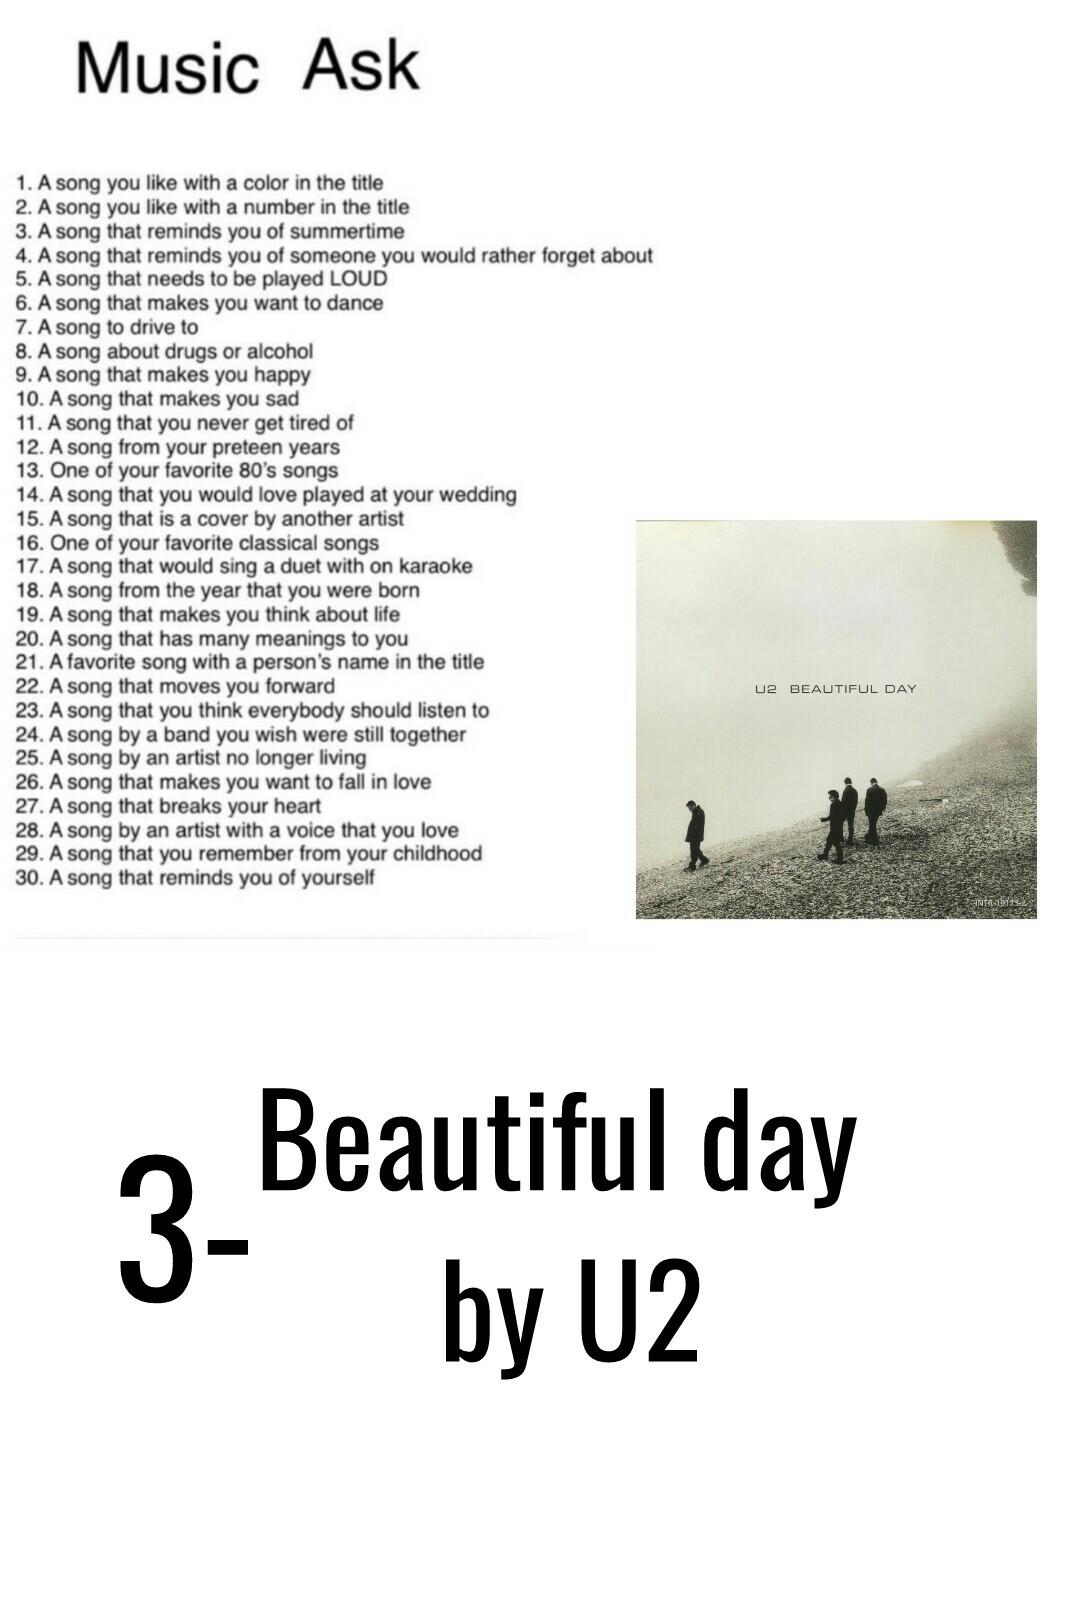 3-Beautiful day by U2